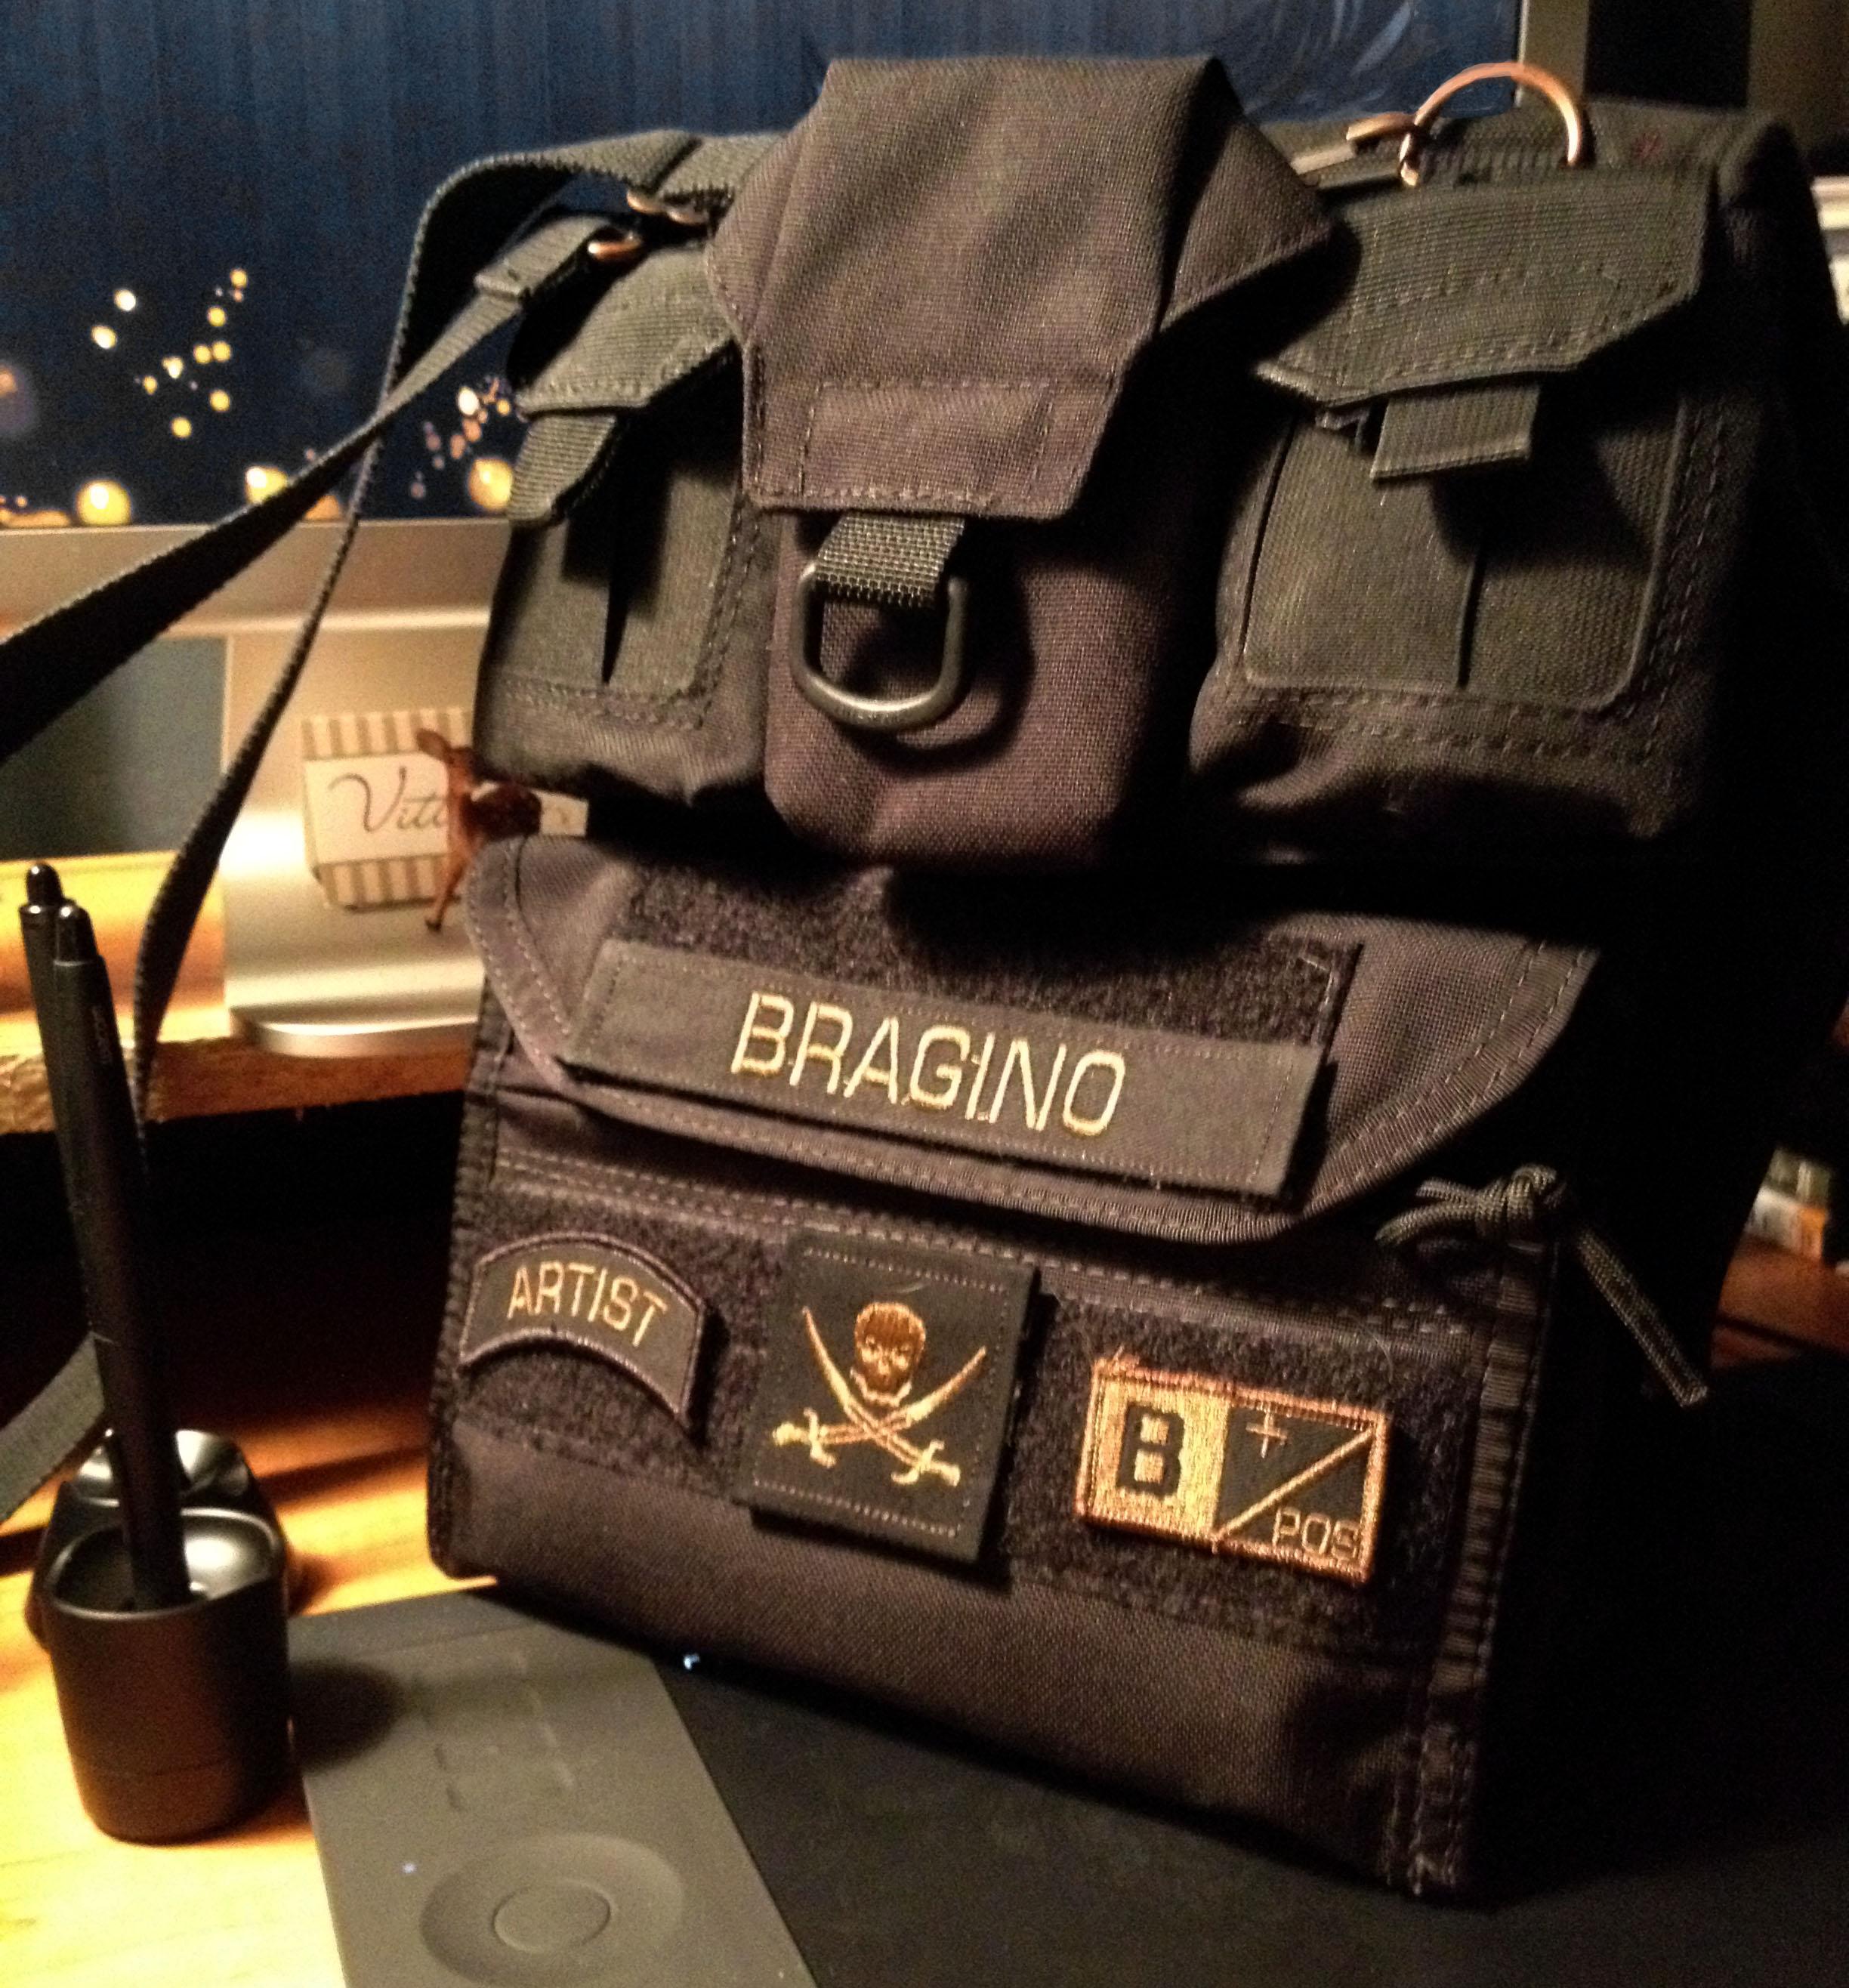 bragino-artistbag.jpg